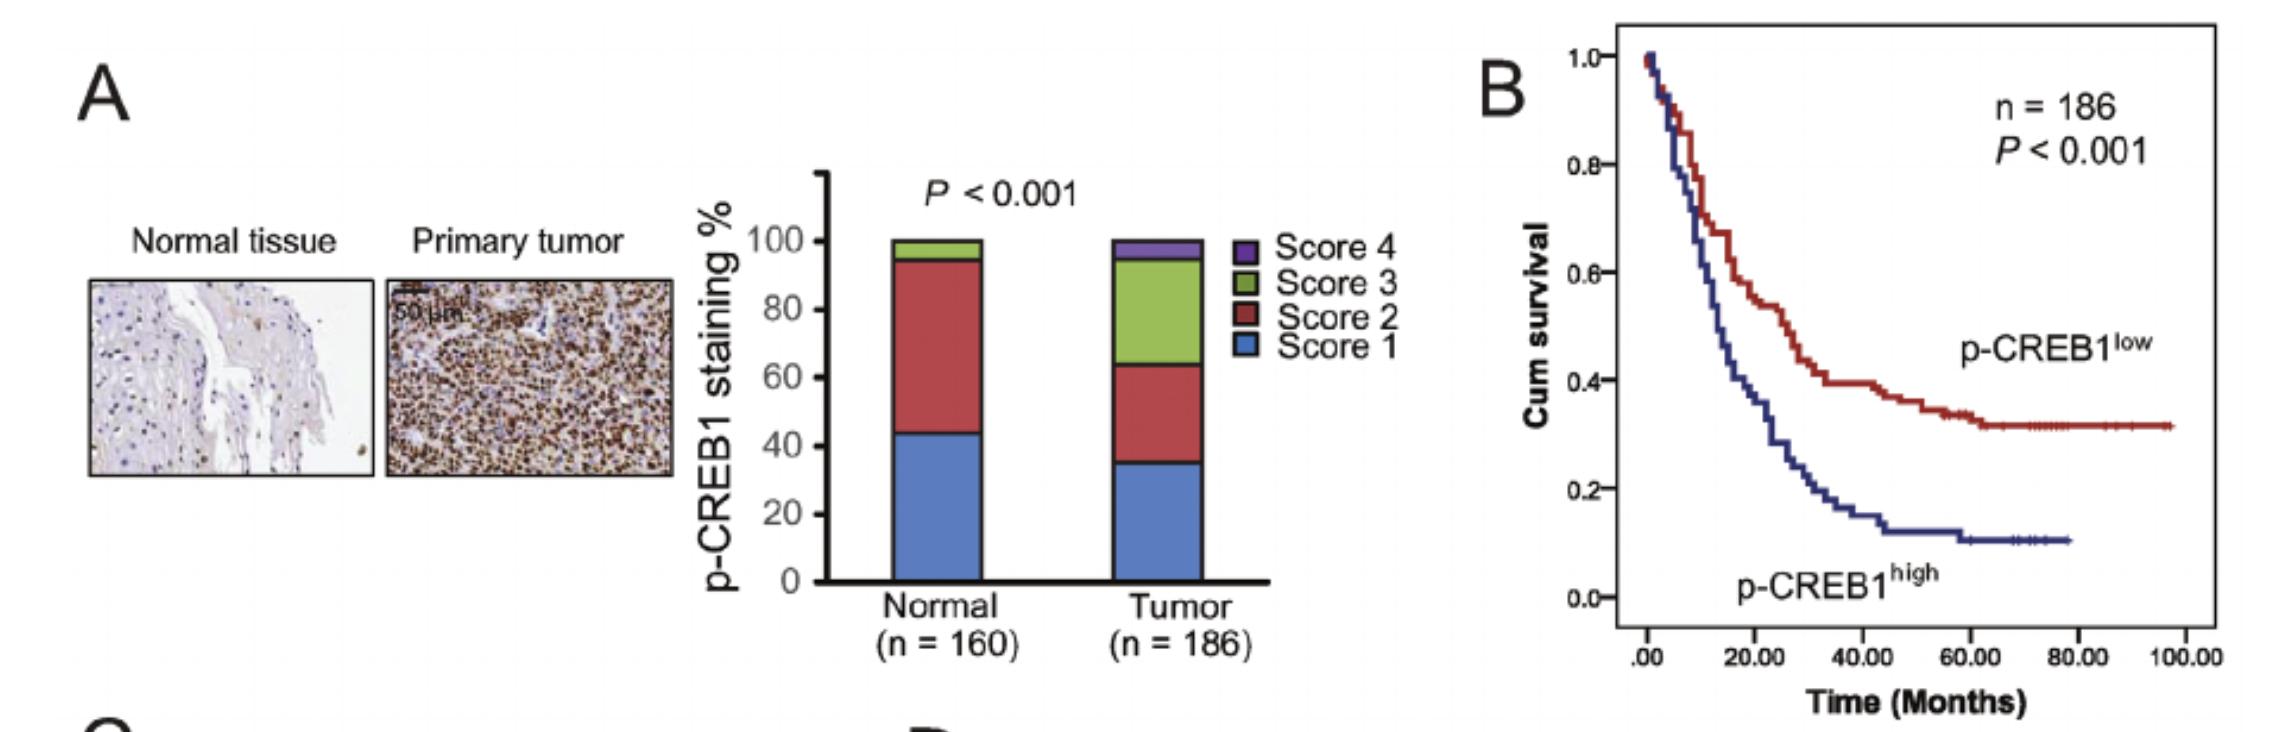 肿瘤特异性高表达而且是风险因子